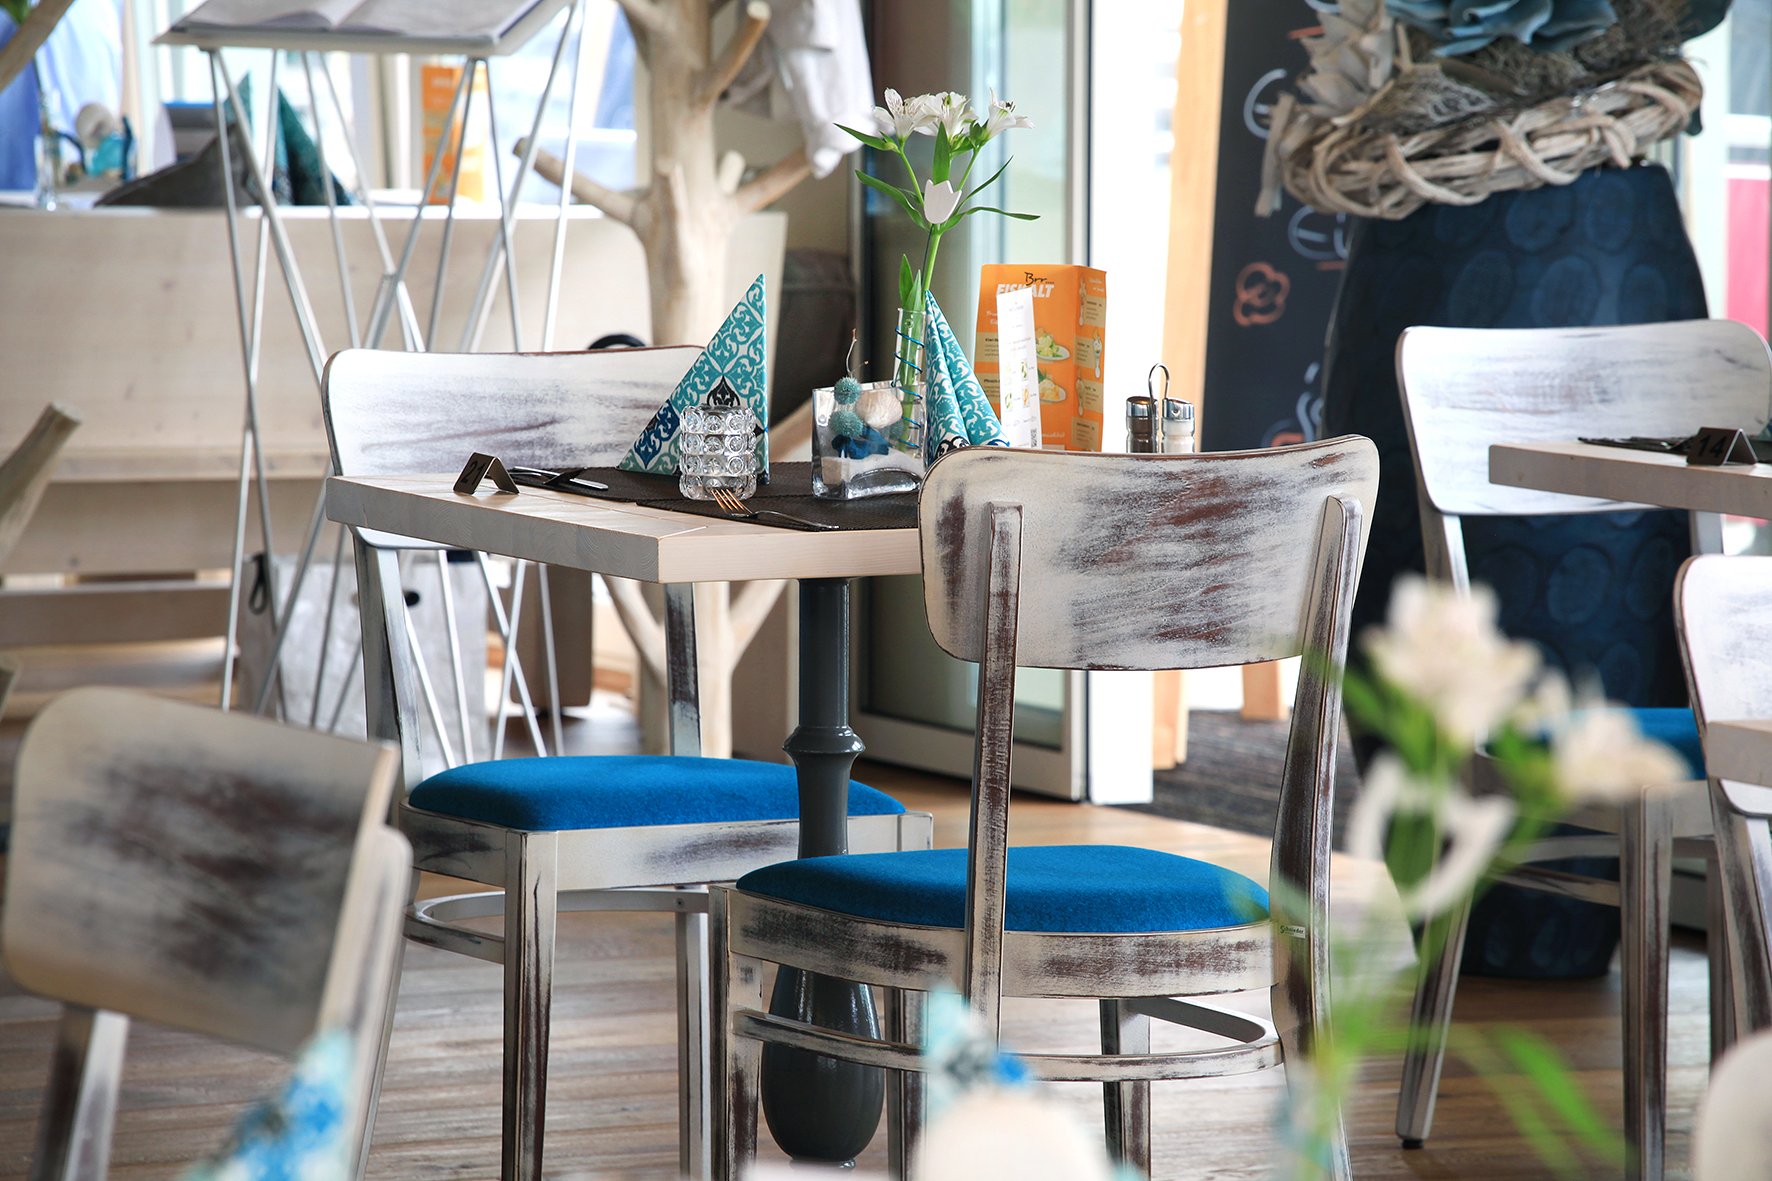 Spannende Möbeloberflächen: Stühle mit Vintage-Charm